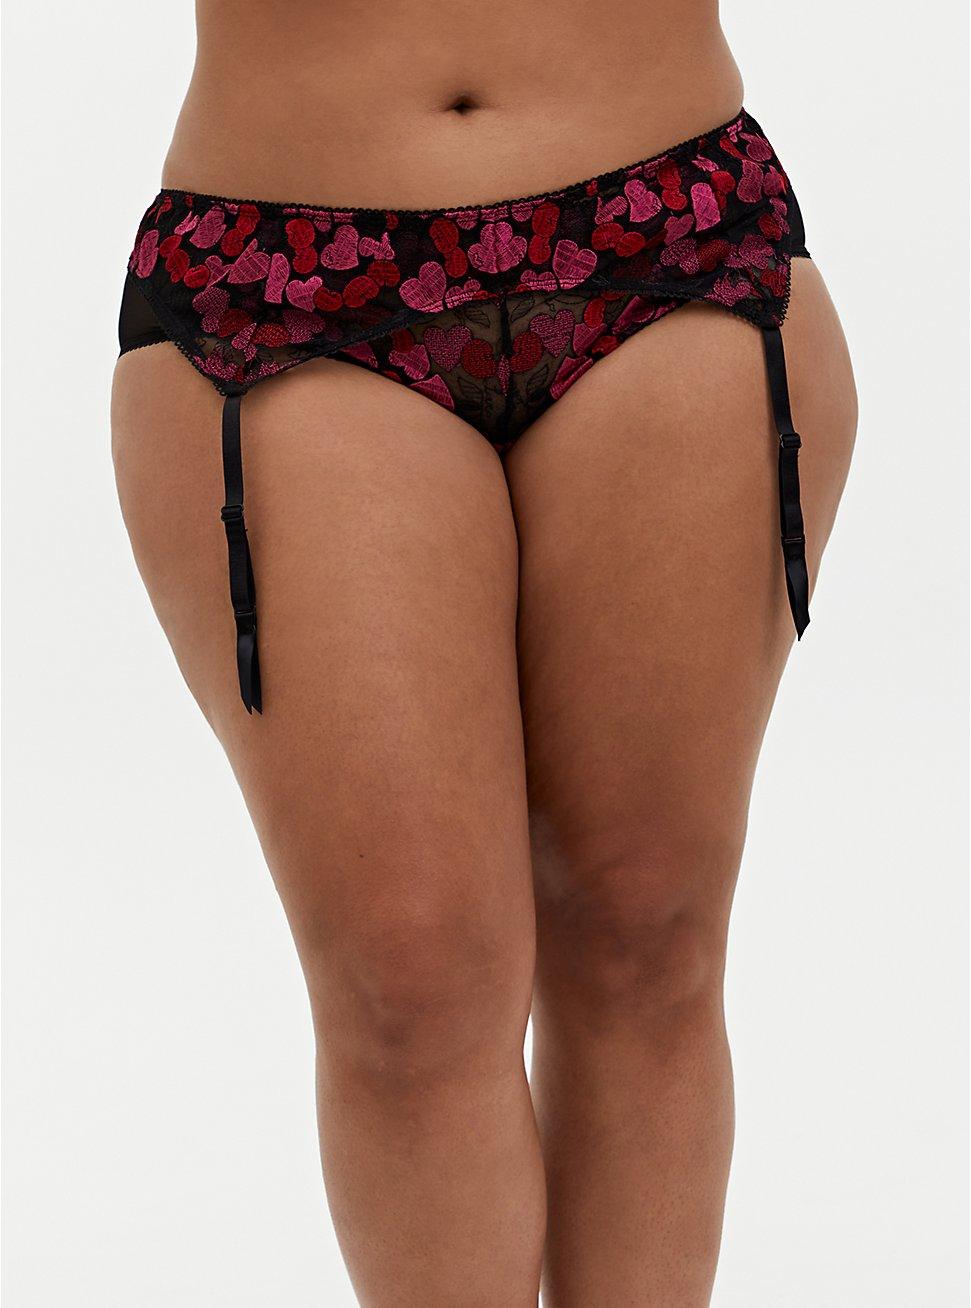 Black & Pink Heart Embroidered Mesh Garter Belt, CHERRY, hi-res